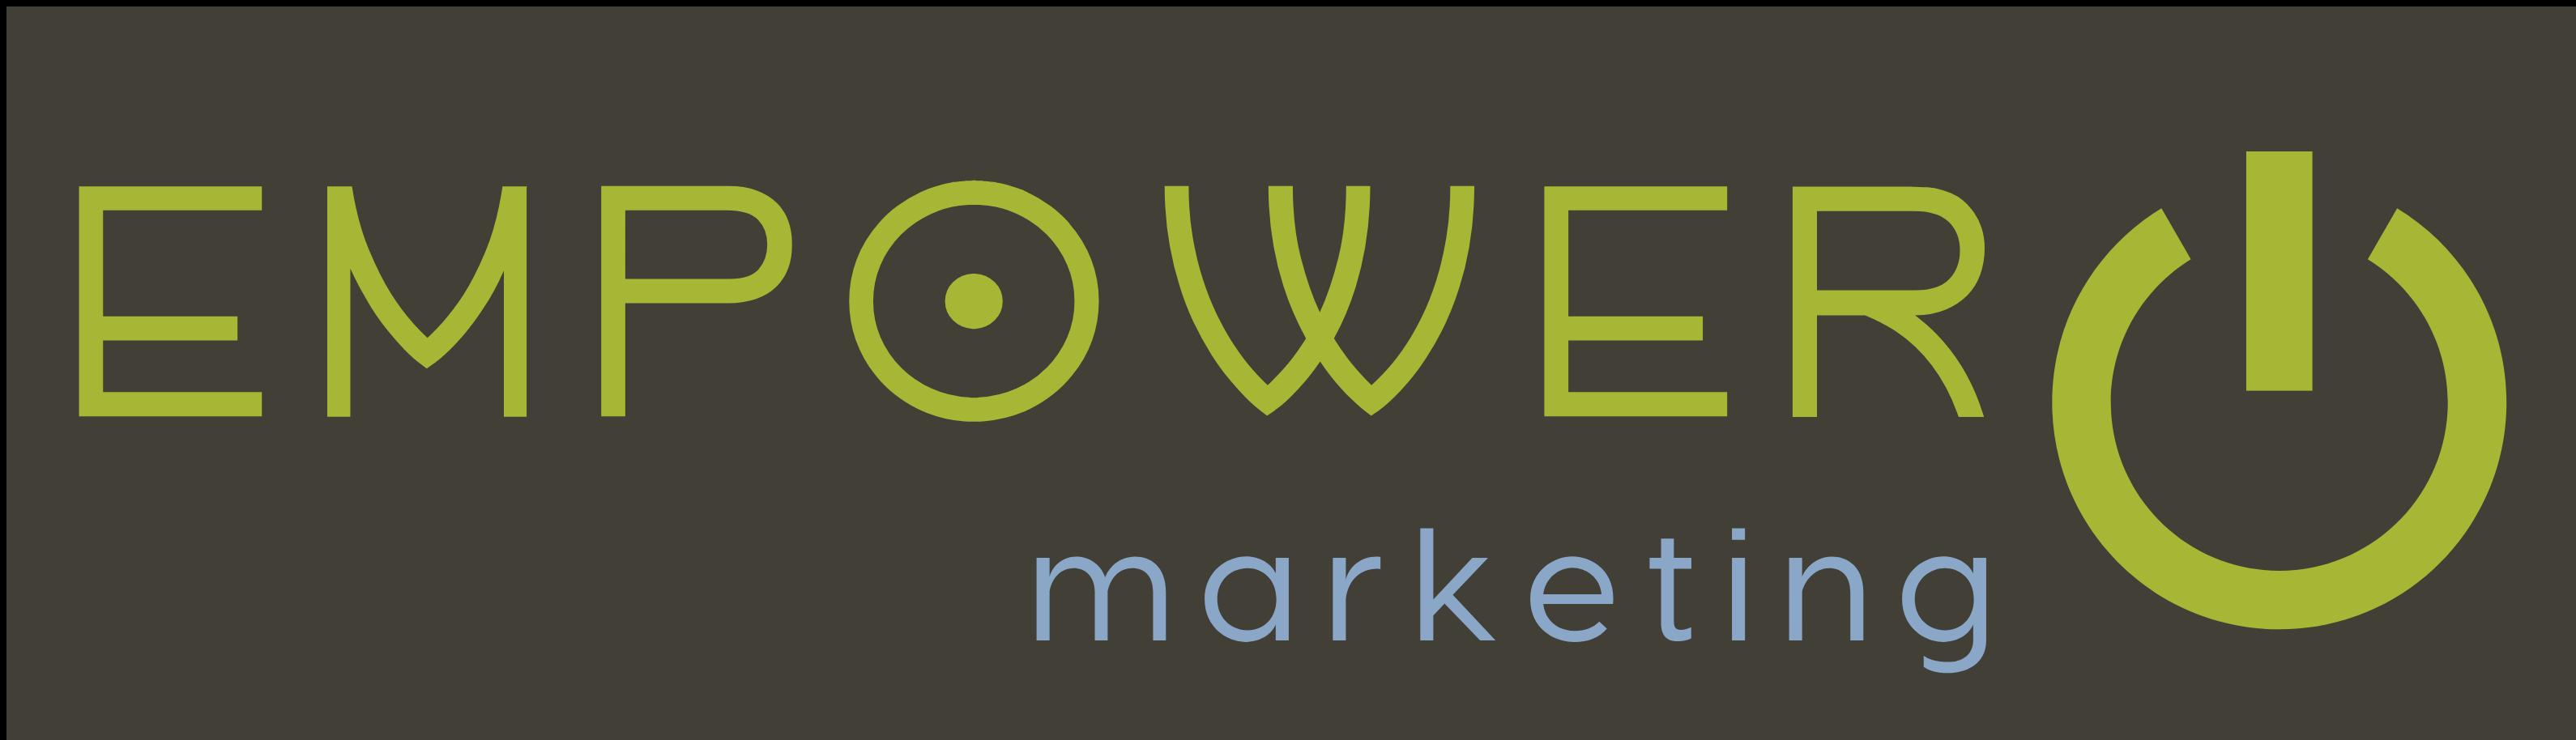 Empower Marketing Website